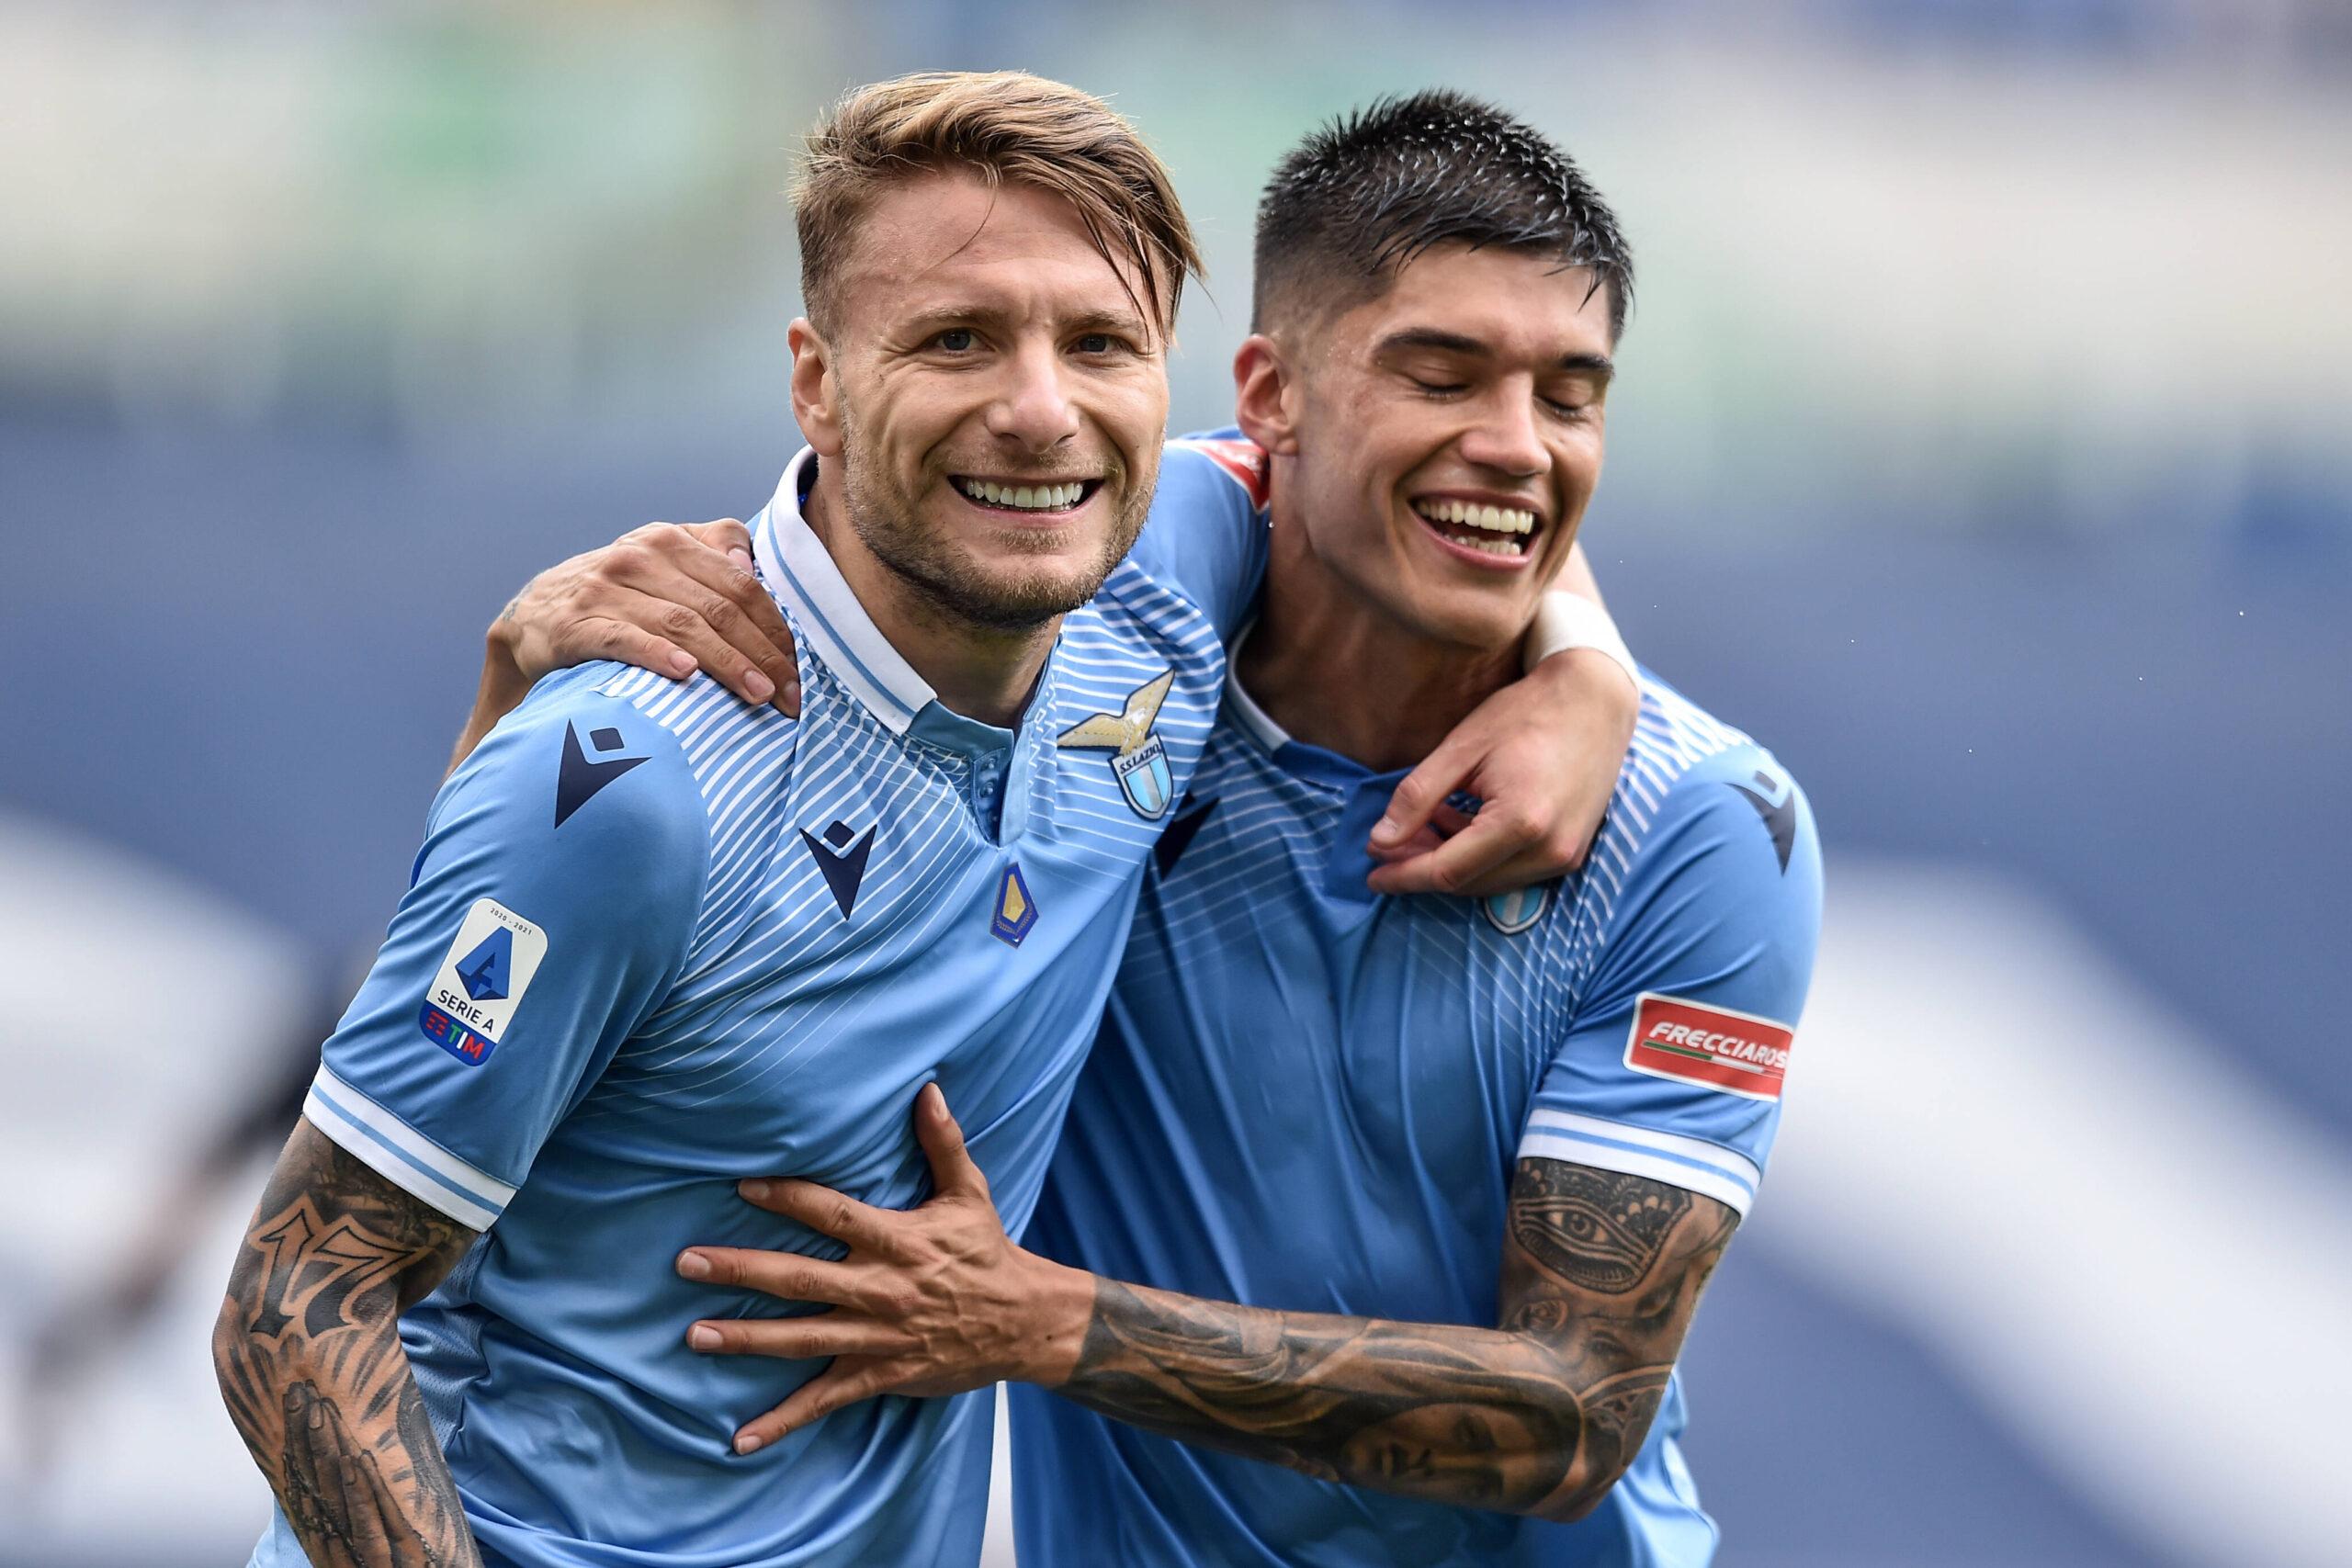 Atlético y Lazio planean este trueque según Sky Sport